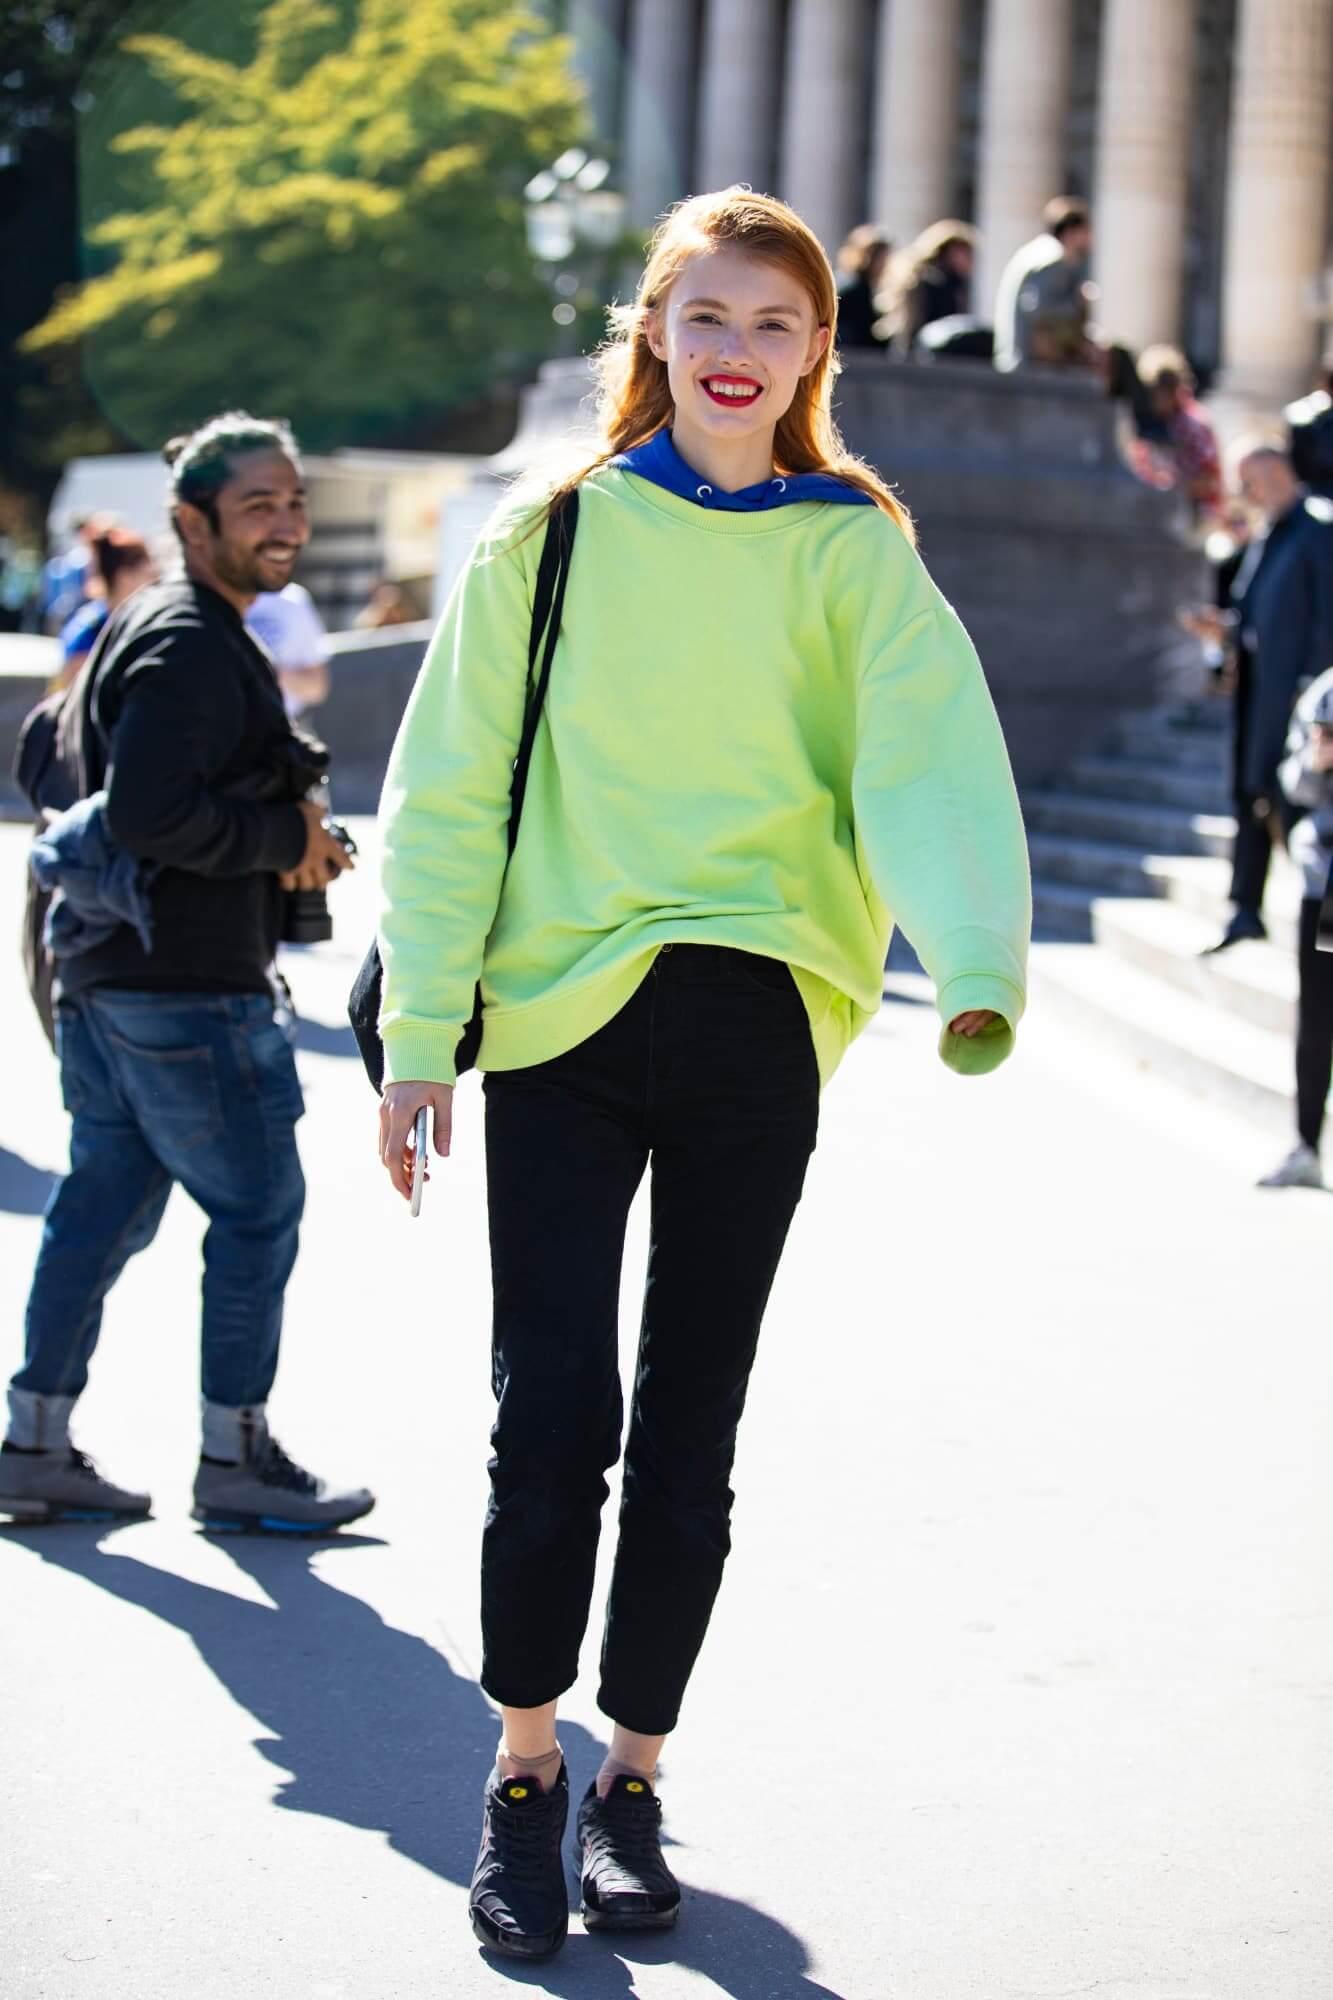 paris-fashion-week-spring-2019-street-style-day-7-104